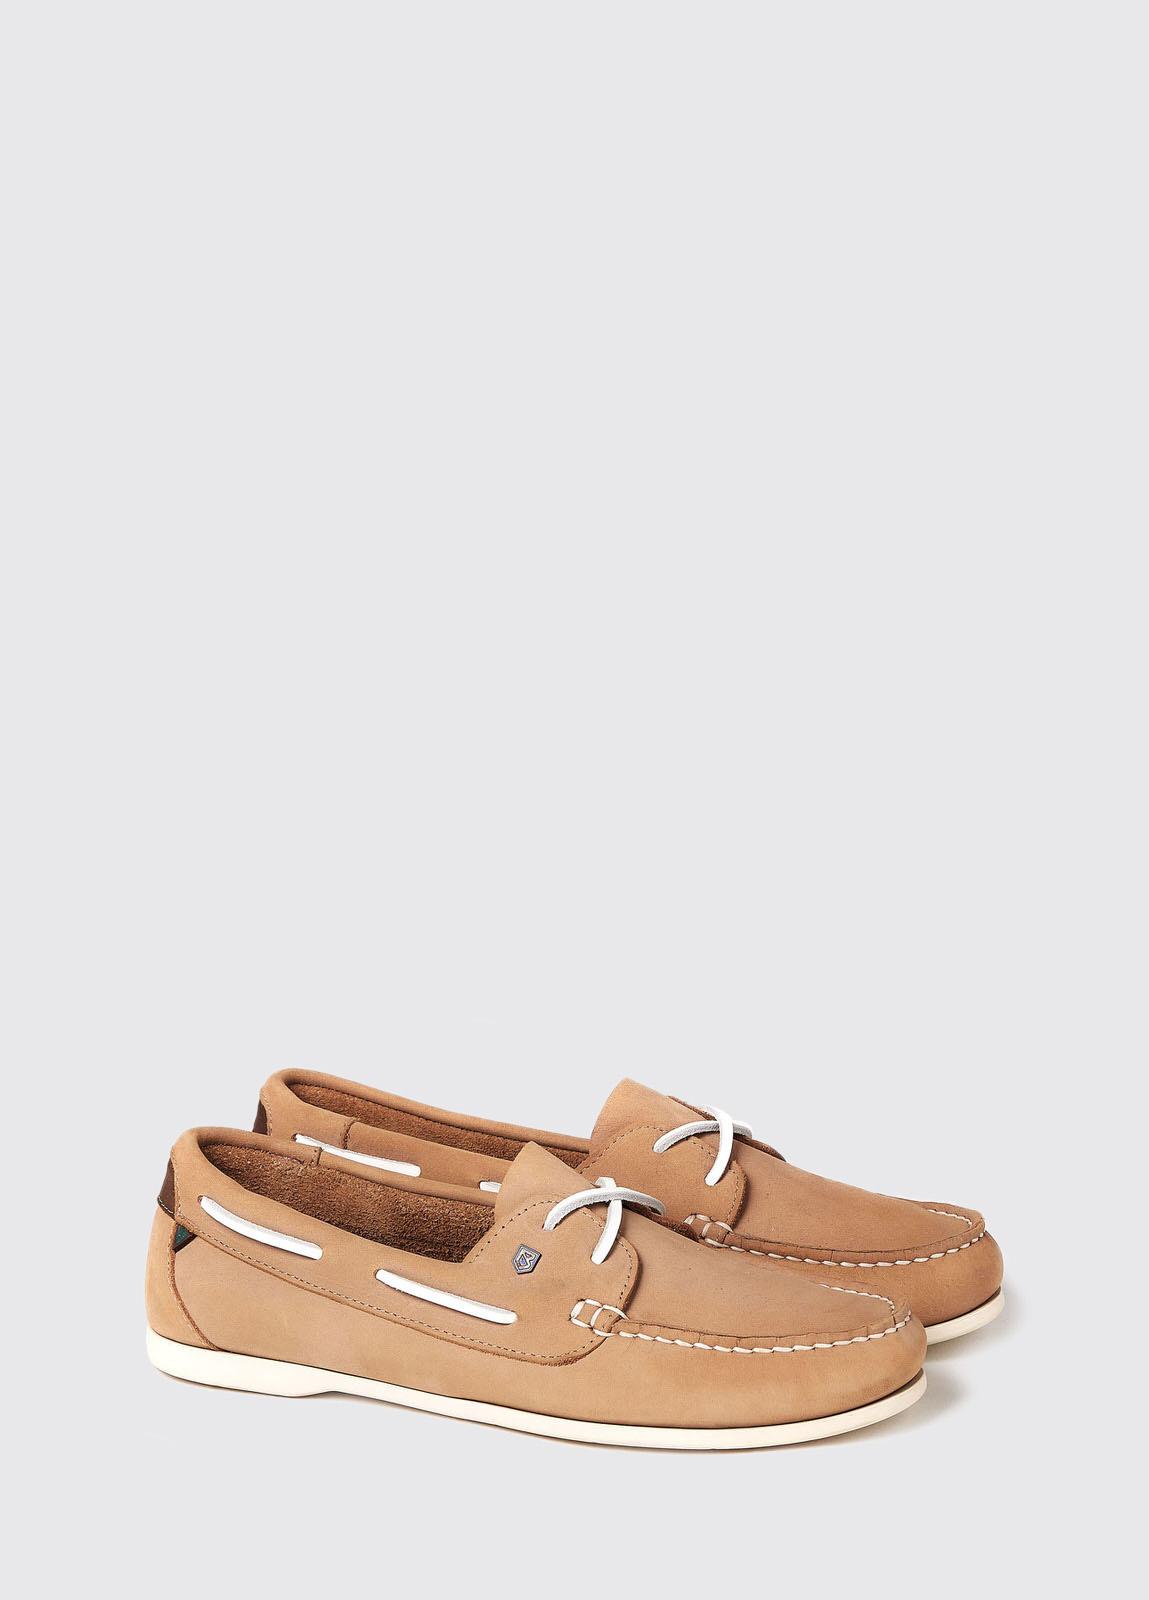 Aruba Deck Shoe - Beige